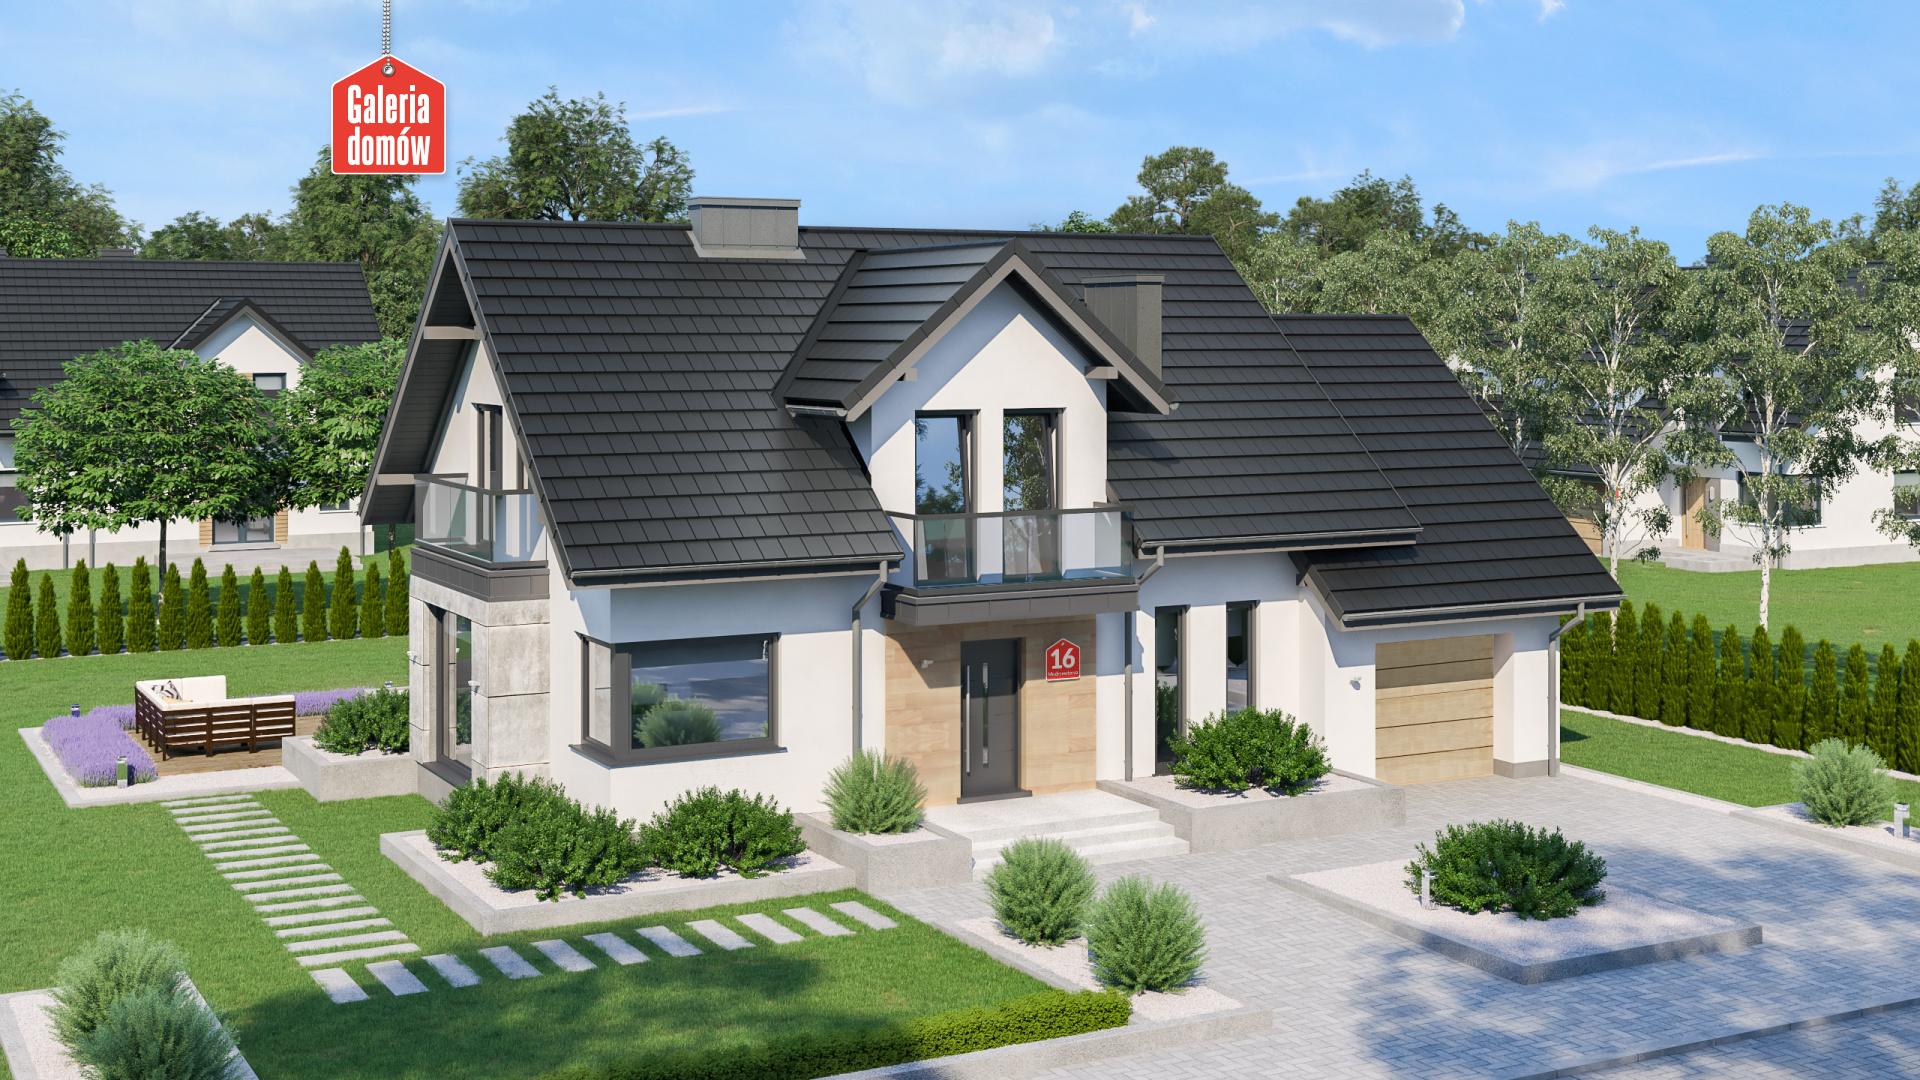 Dom przy Modrzewiowej 16 - zdjęcie projektu i wizualizacja